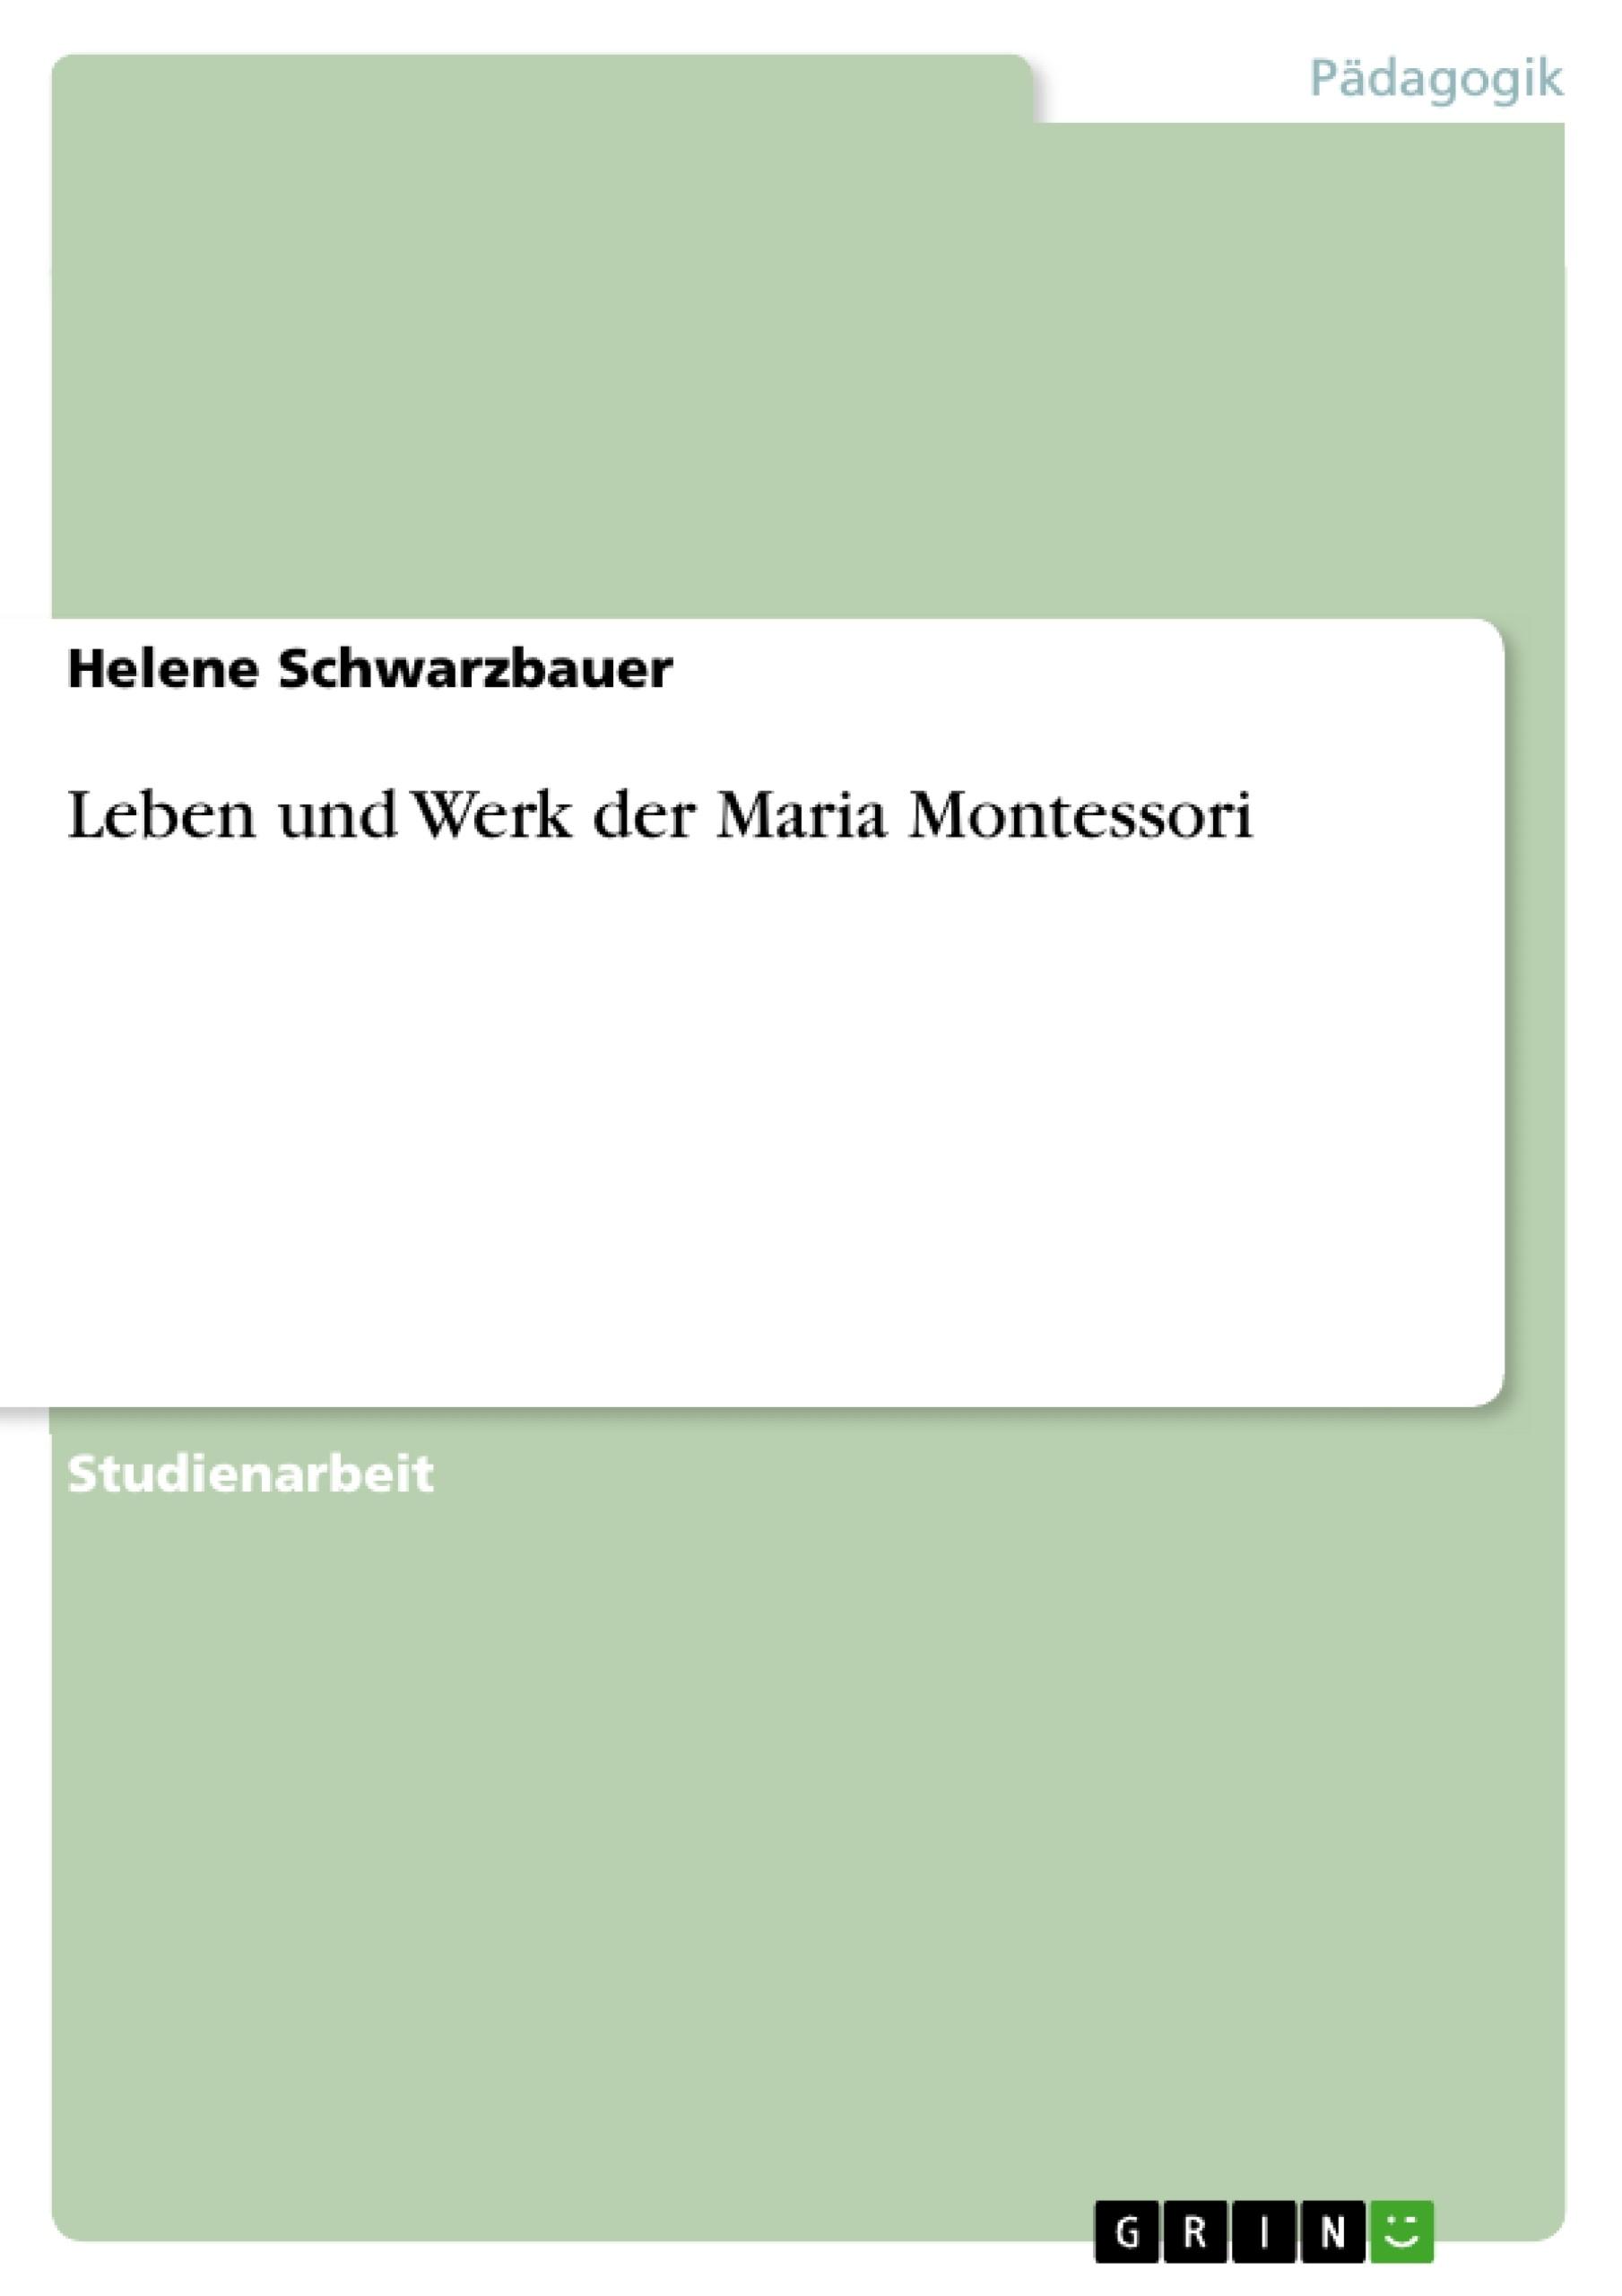 Titel: Leben und Werk der Maria Montessori